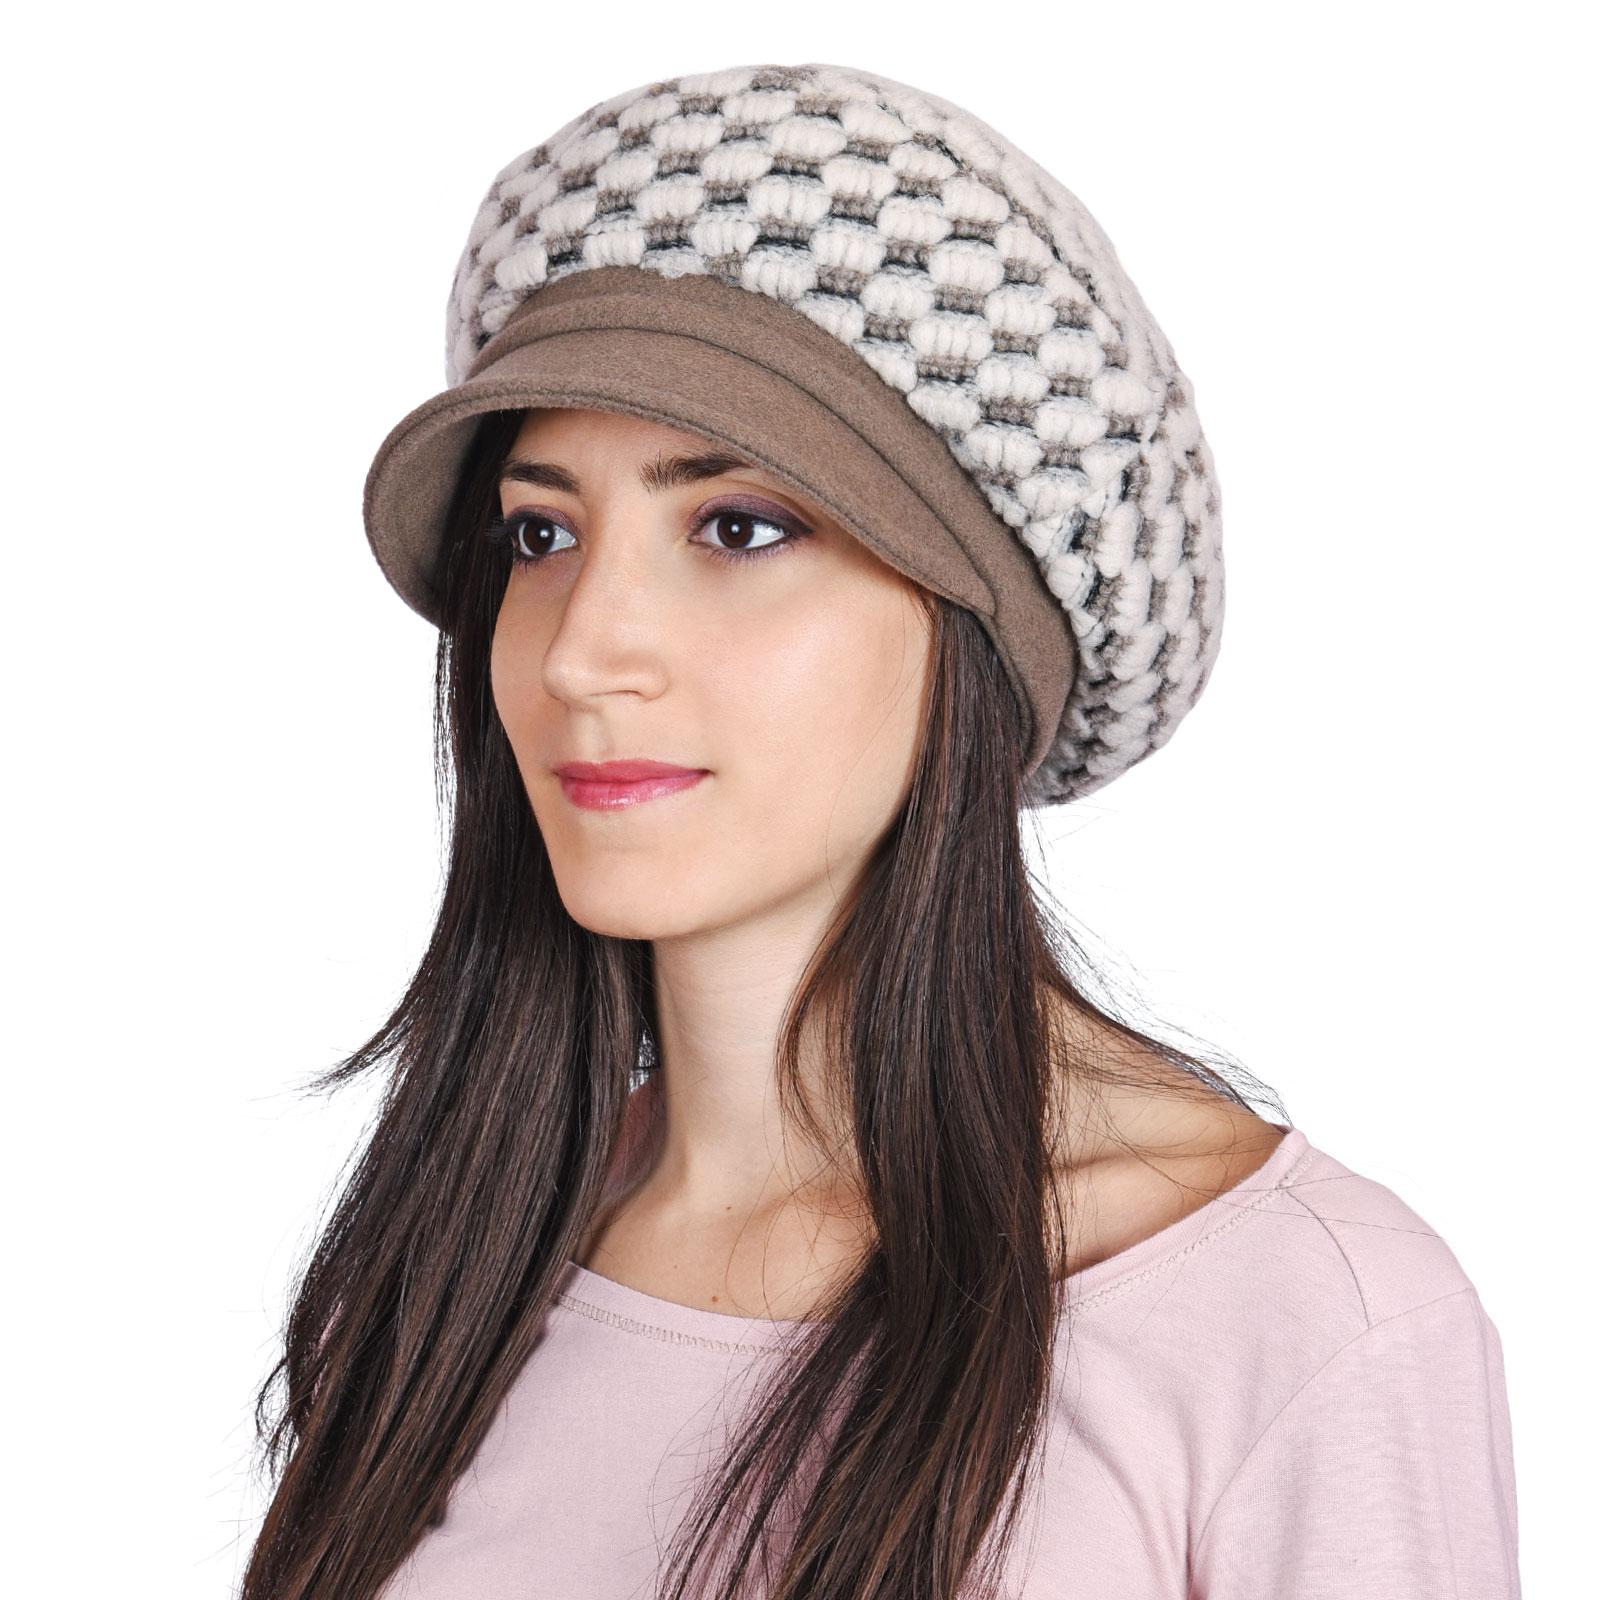 CP-01002-VF16-P-casquette-femme-hiver-beige-tricot